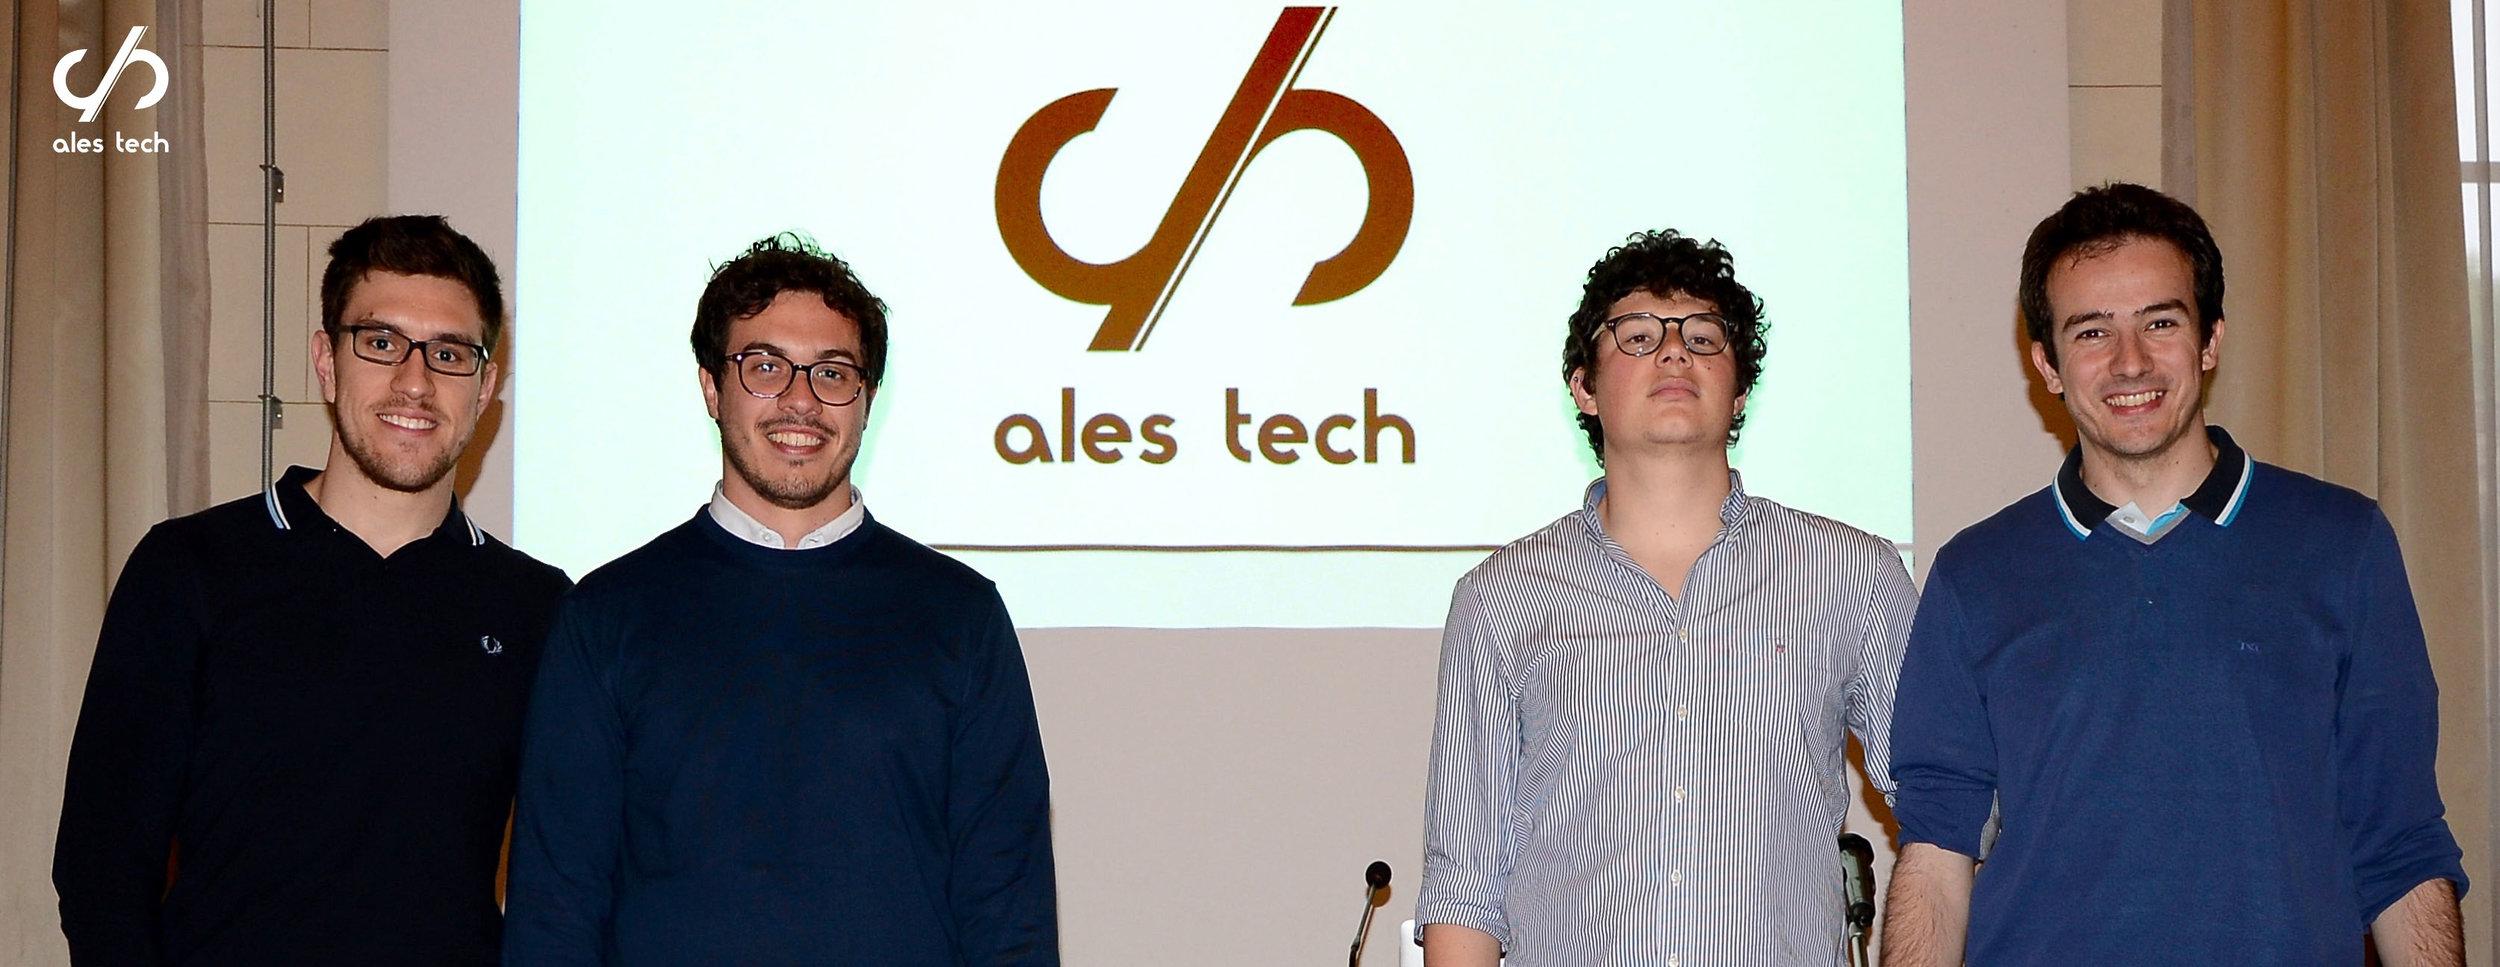 Ales Tech's founders: from the left, Luca Cesaretti, lorenzo andrea parrotta, antonio davola e andrea paraboschi